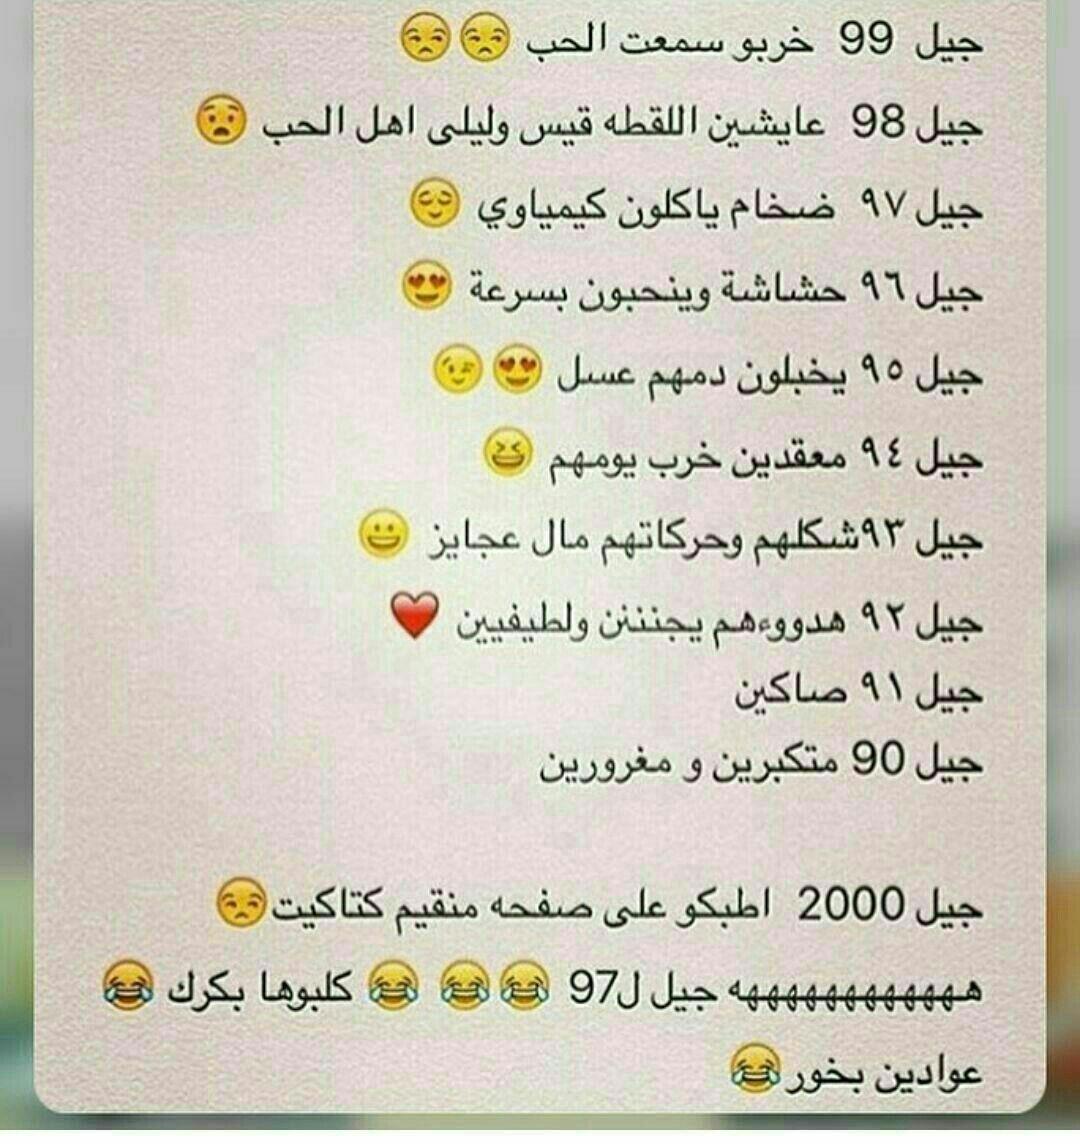 ممقصودة ترة تحية الكل الاجيال ههههههه Laughing Quotes Arabic Funny Arabic Jokes